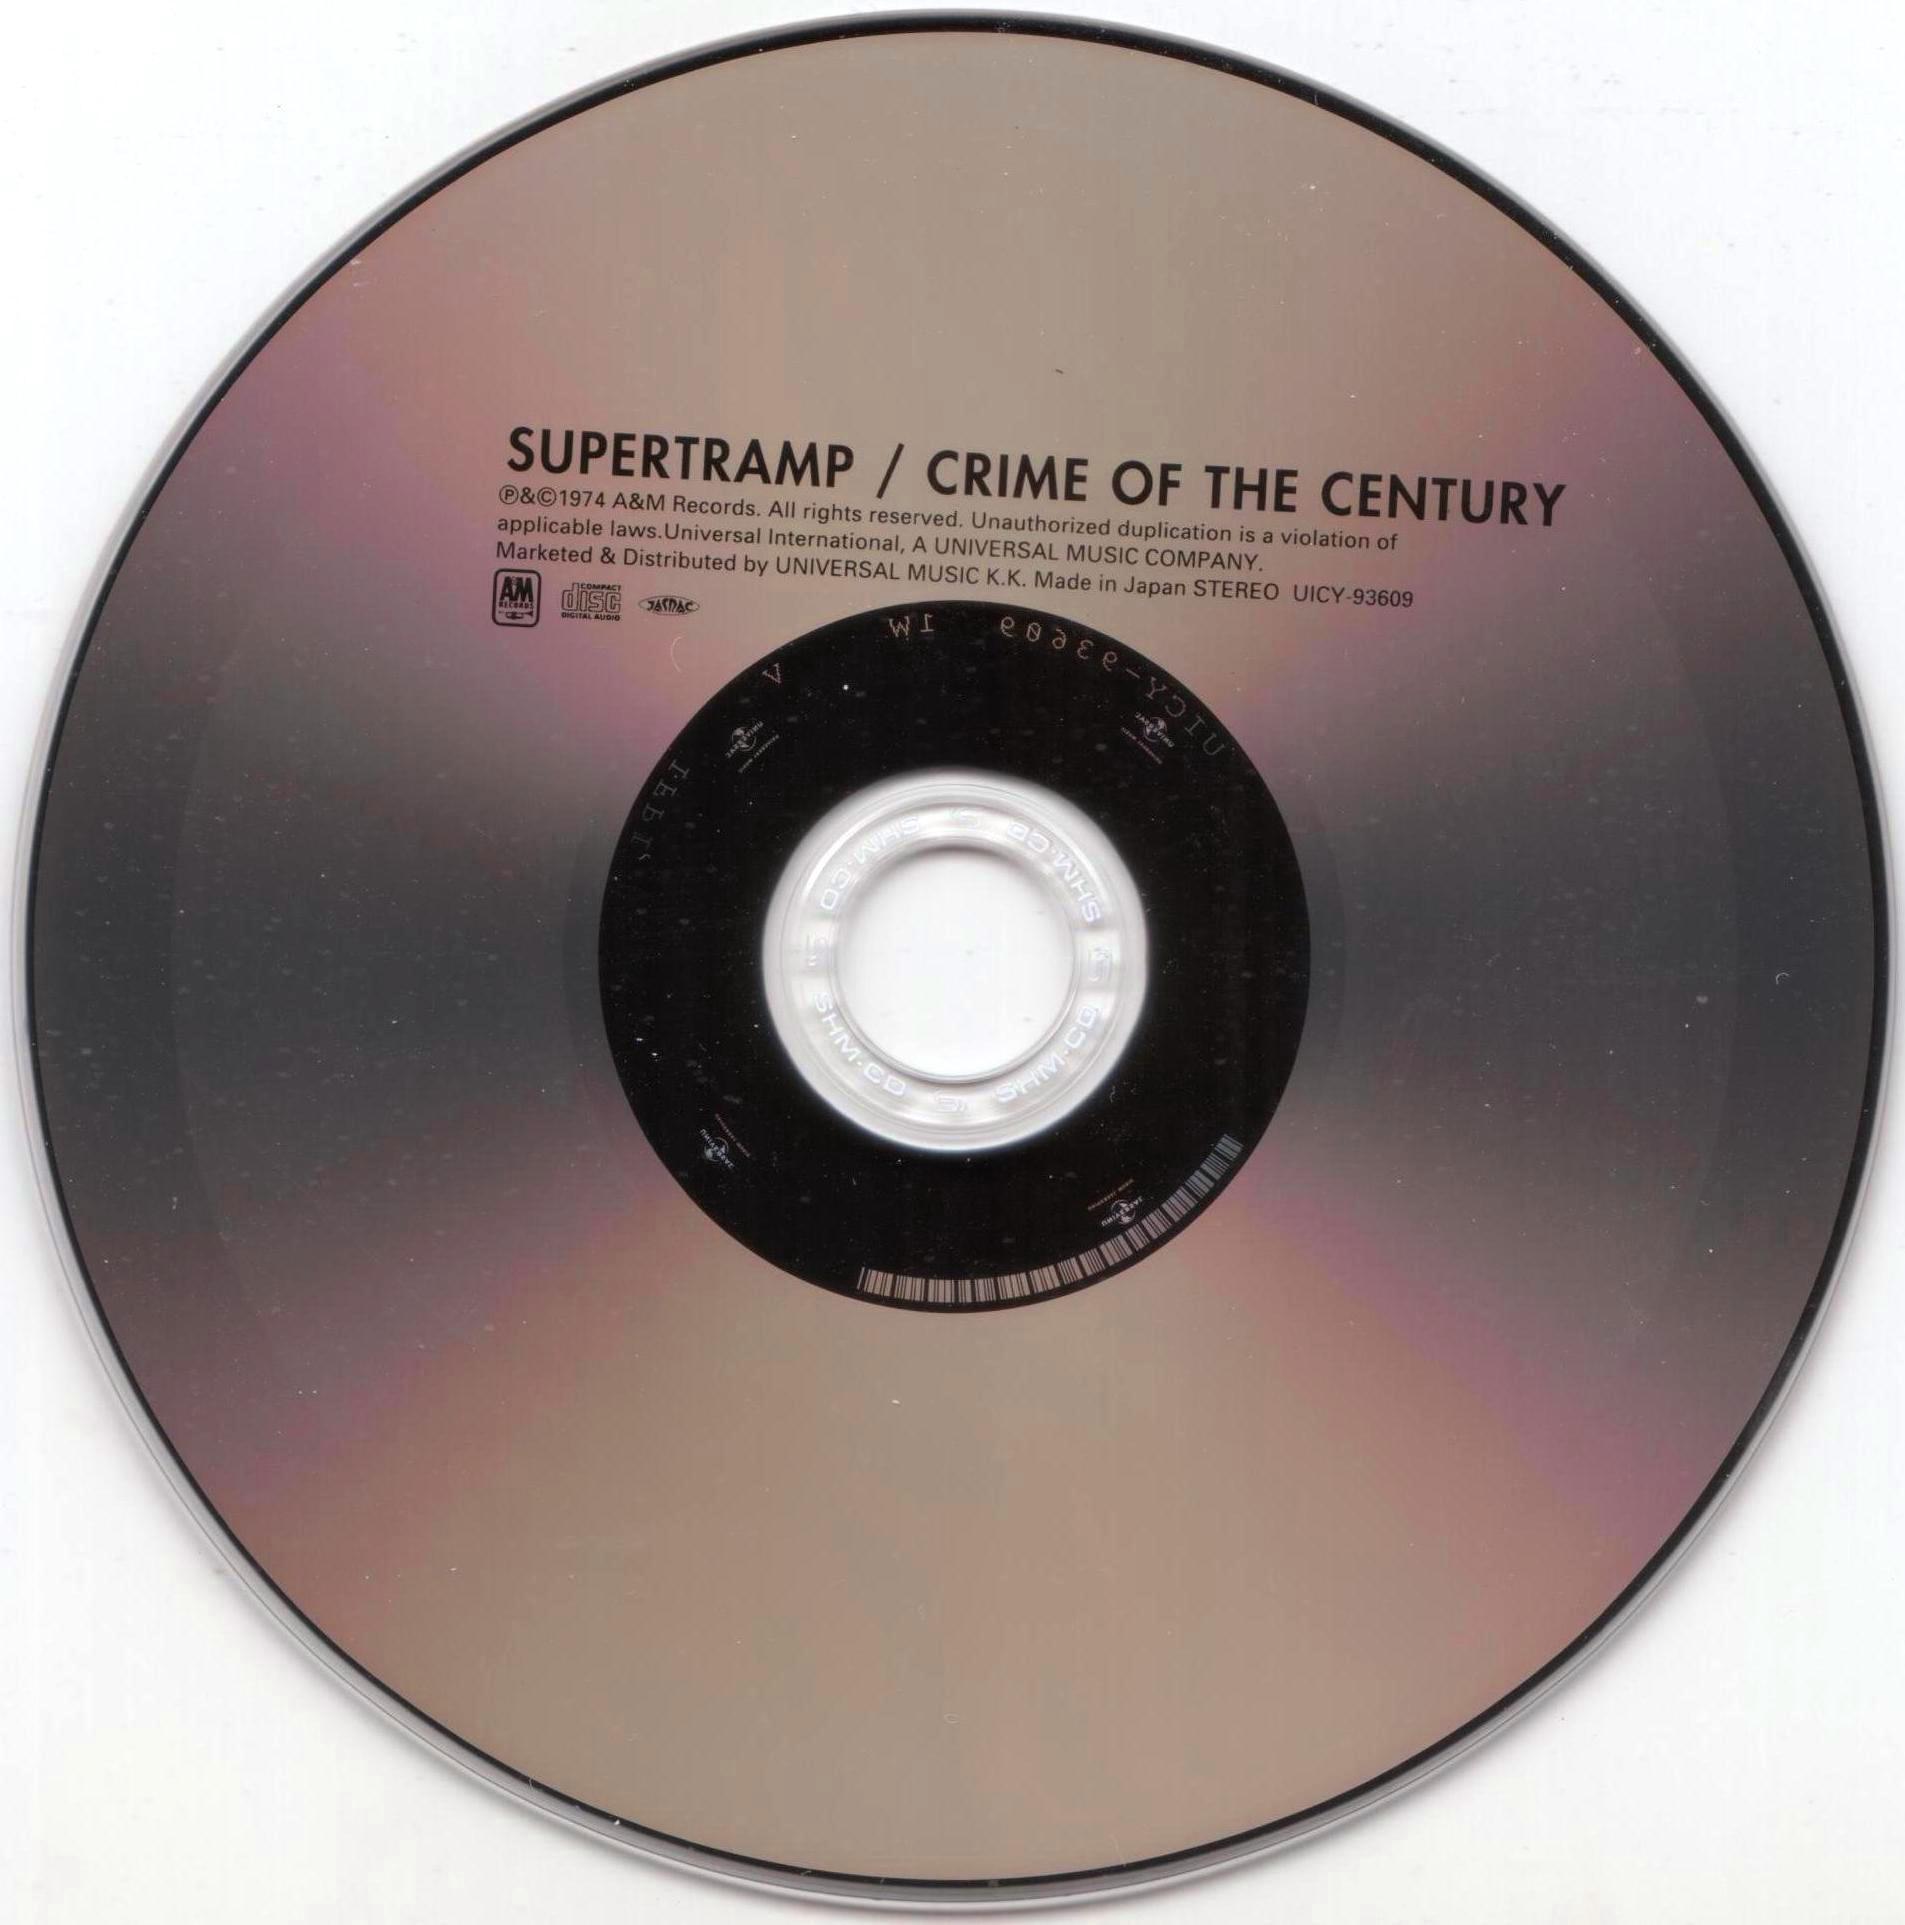 Supertramp The Complete Shm Cd Set 1970 1987 10